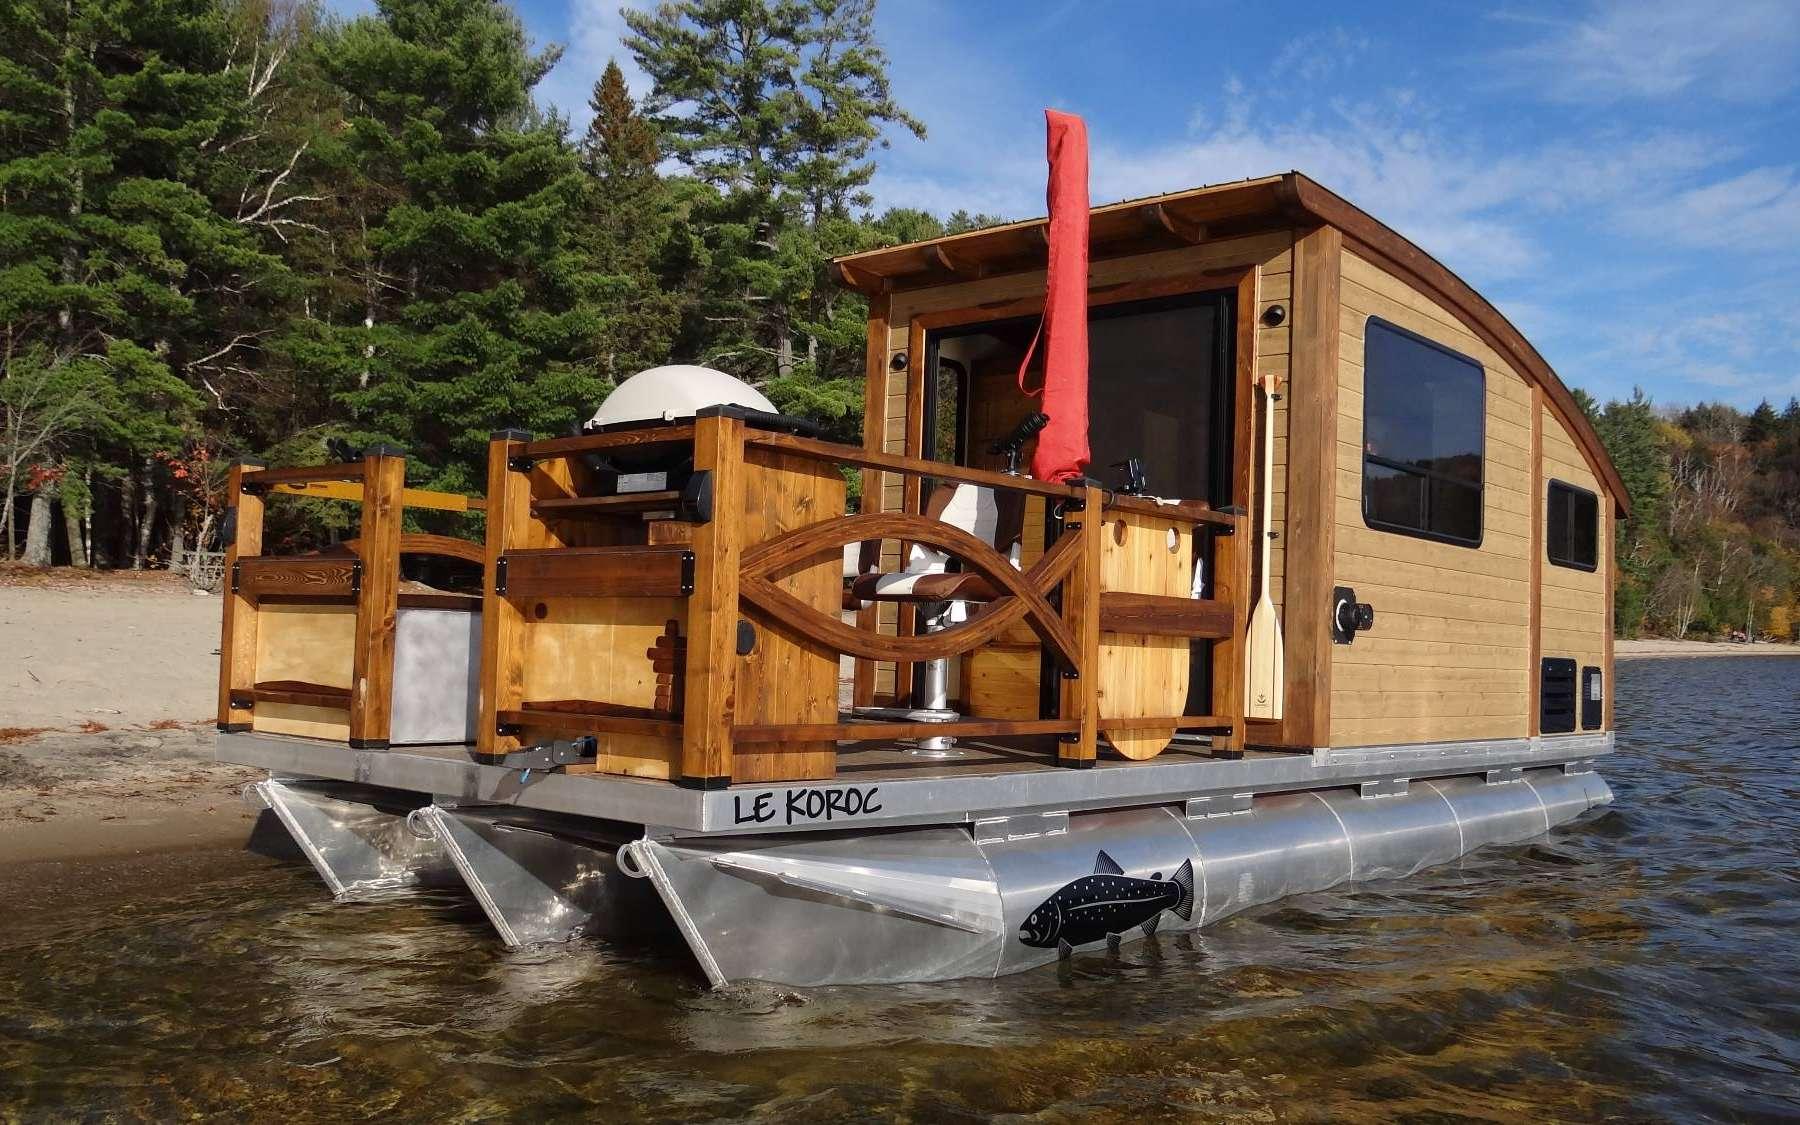 Le bateau-maison Le Koroc est transportable sur une remorque. © Daigno